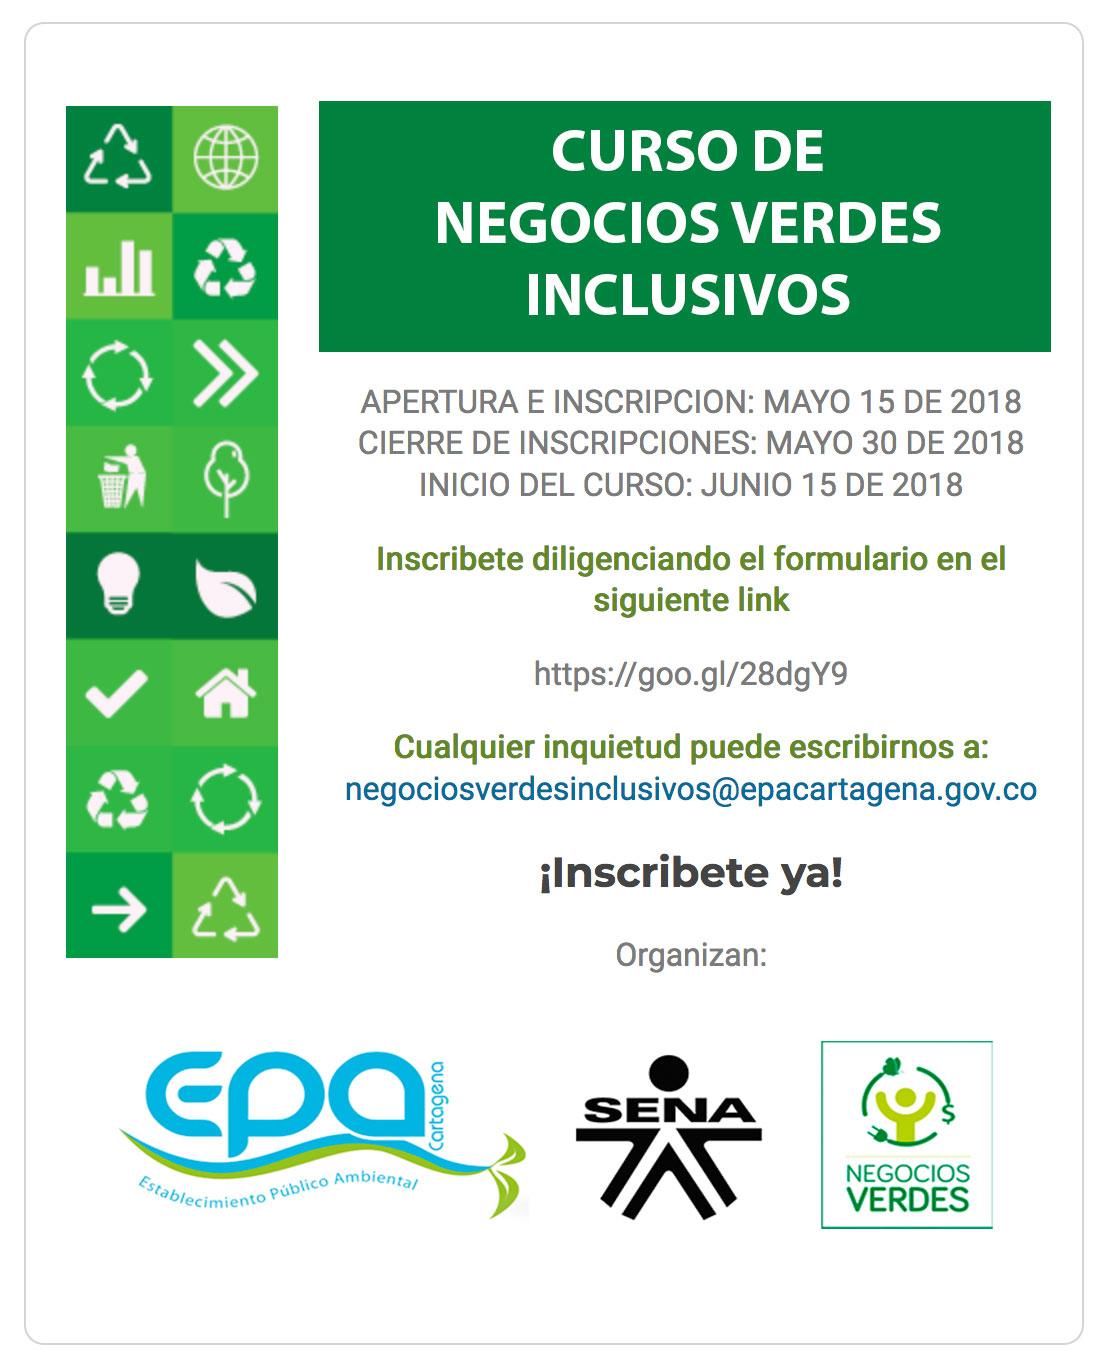 curso-de-negocios-verdes-inclusivos-mads1